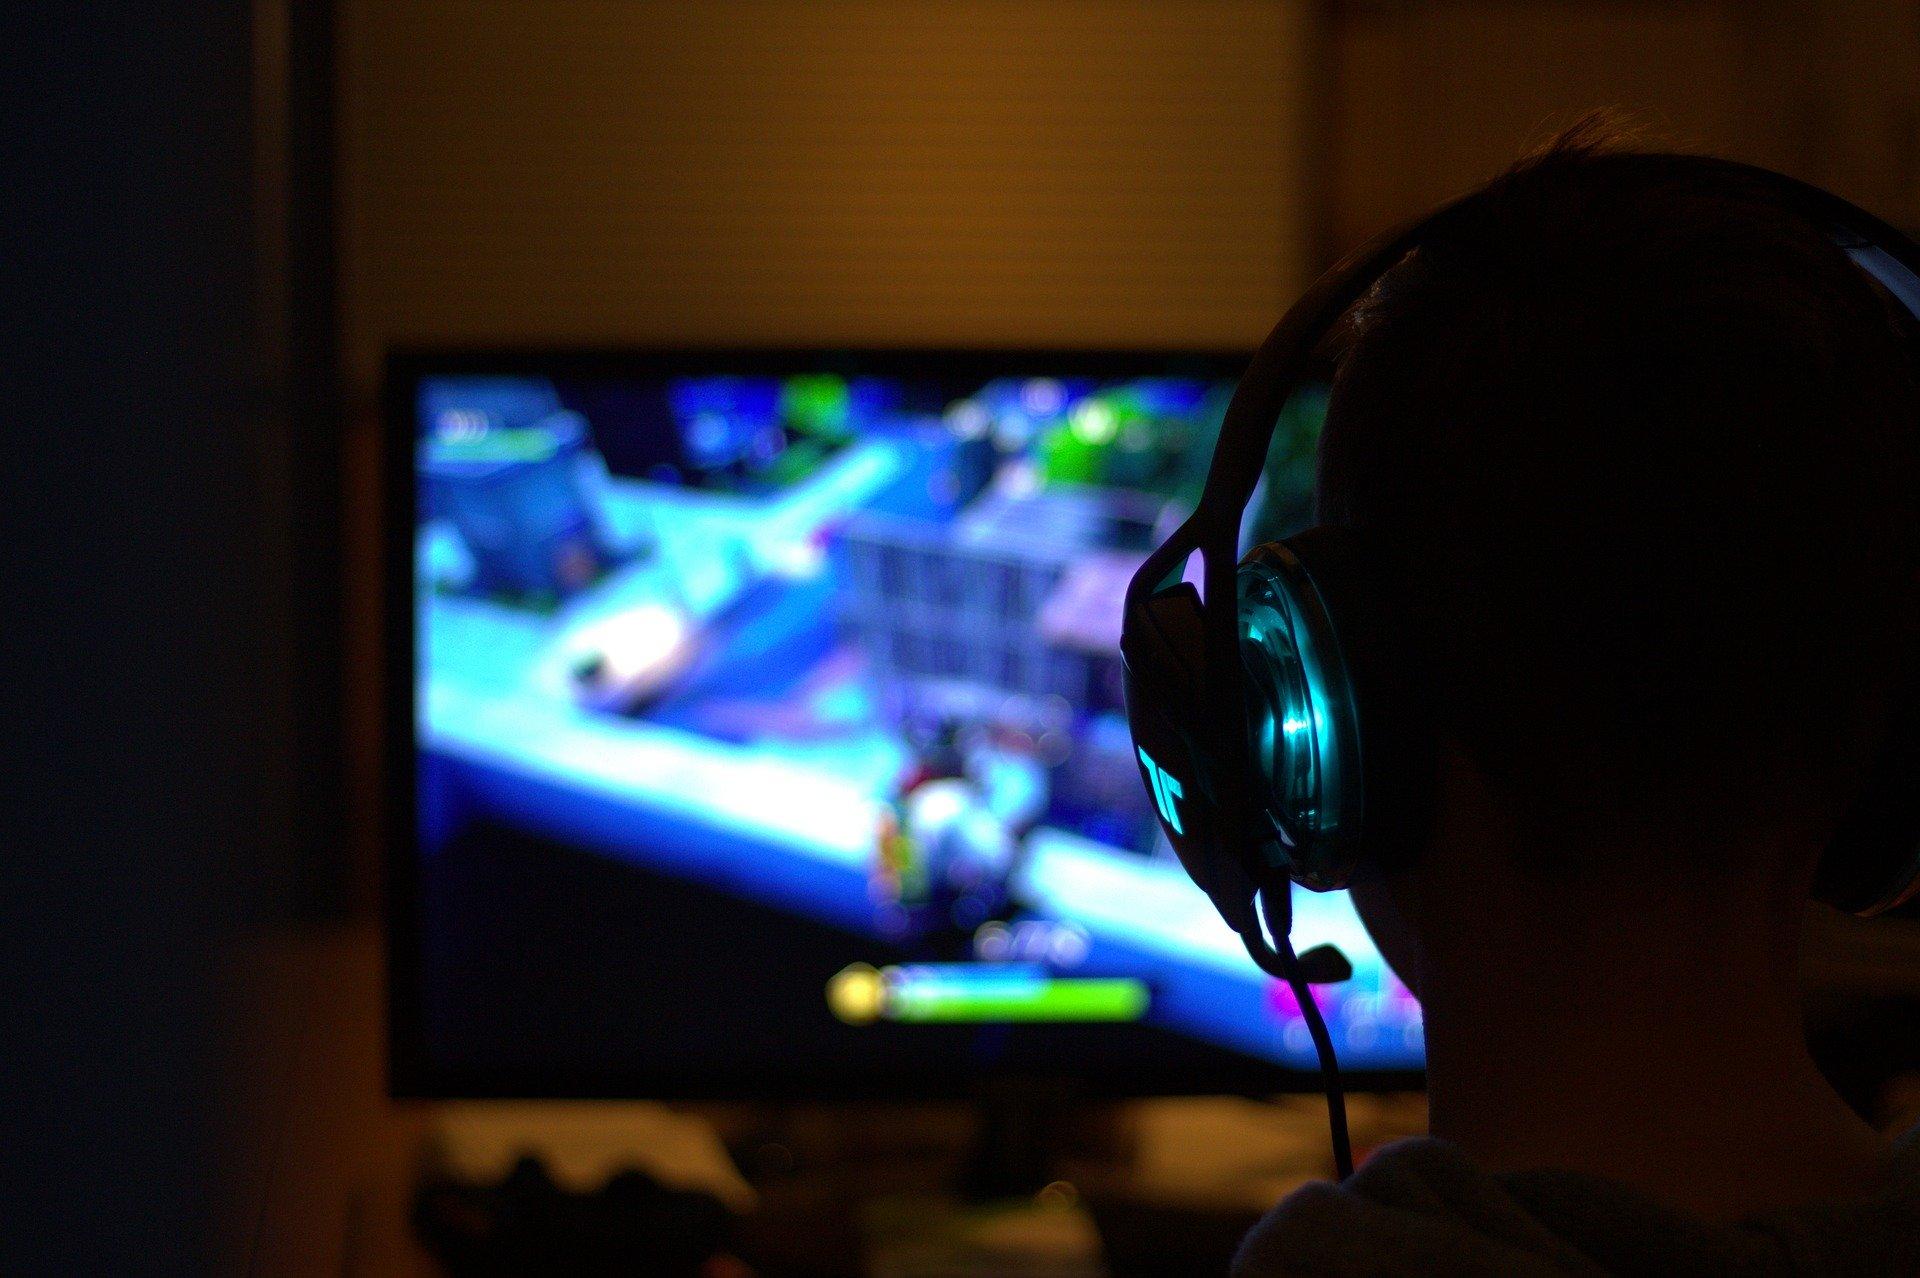 Купуємо ігровий комп'ютер: про що потрібно пам'ятати - tech, news, gadzhety